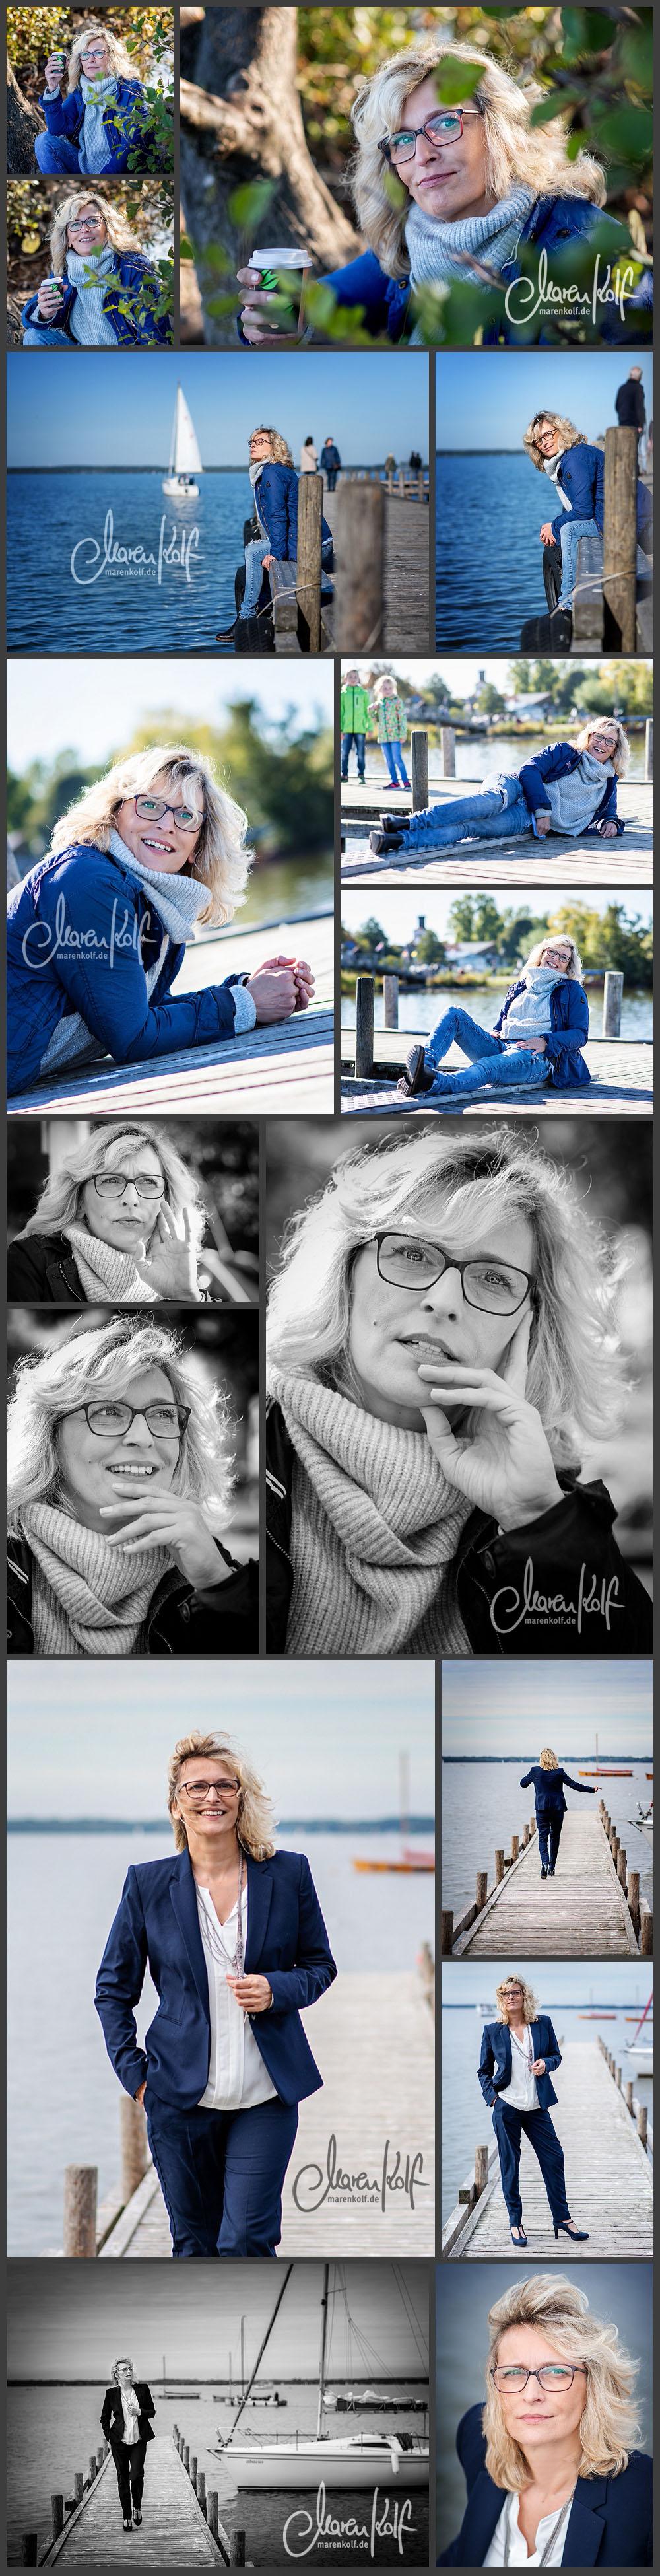 fotografin-hannover-hamburg-steinhudermeer-zeitzeugnis-portrait-fotografie-maren-kolf-wedemark